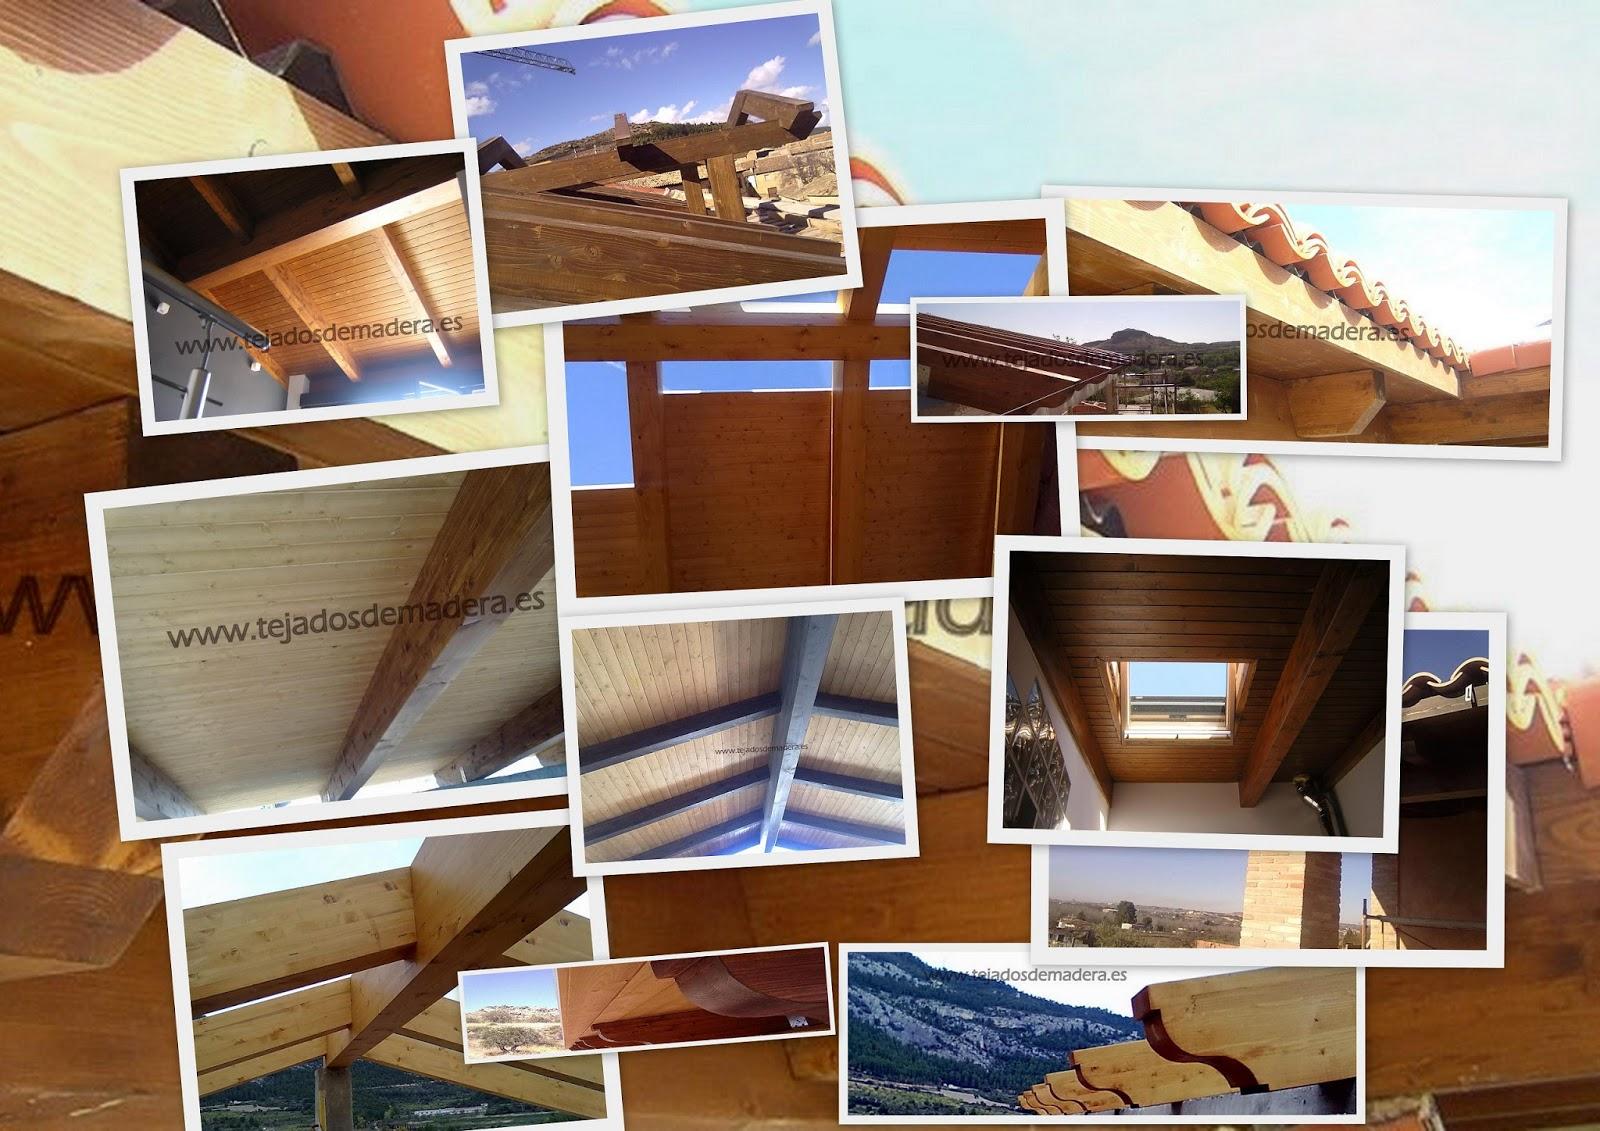 Estructuras de madera cutecma cutecma feliz 2012 for Tejados de madera thermochip